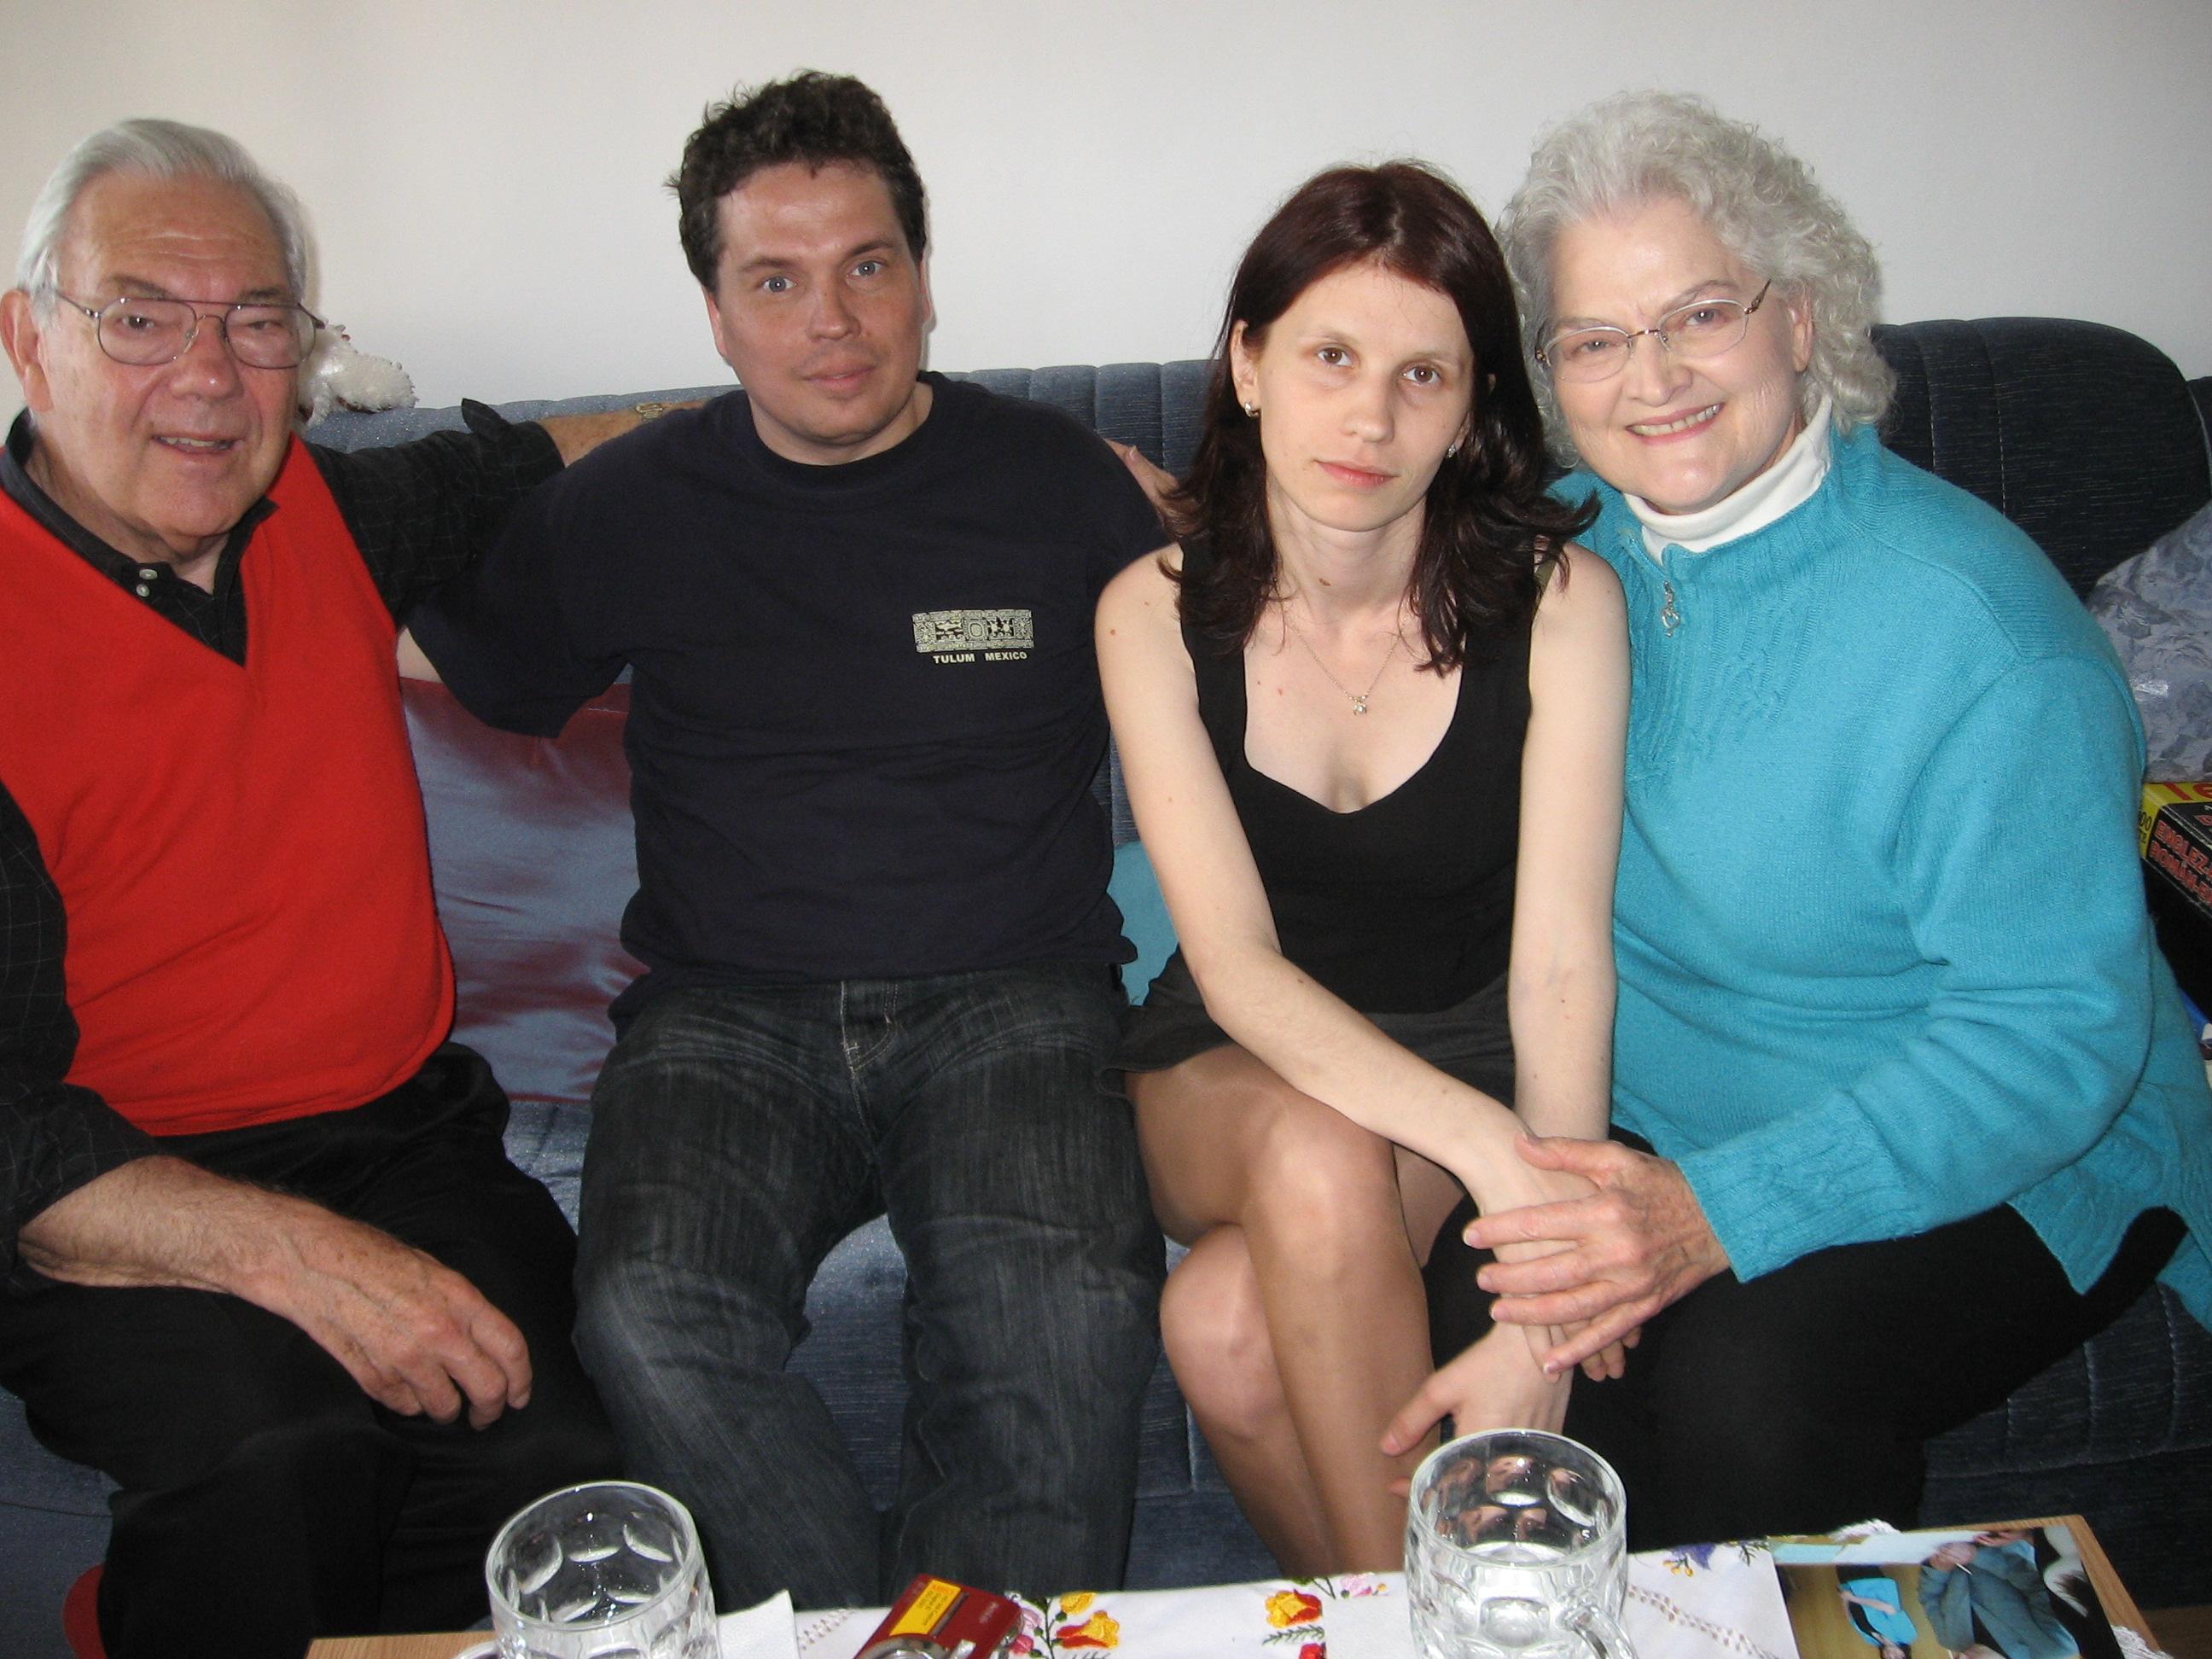 Bogi & Torsten with Dan & Anne